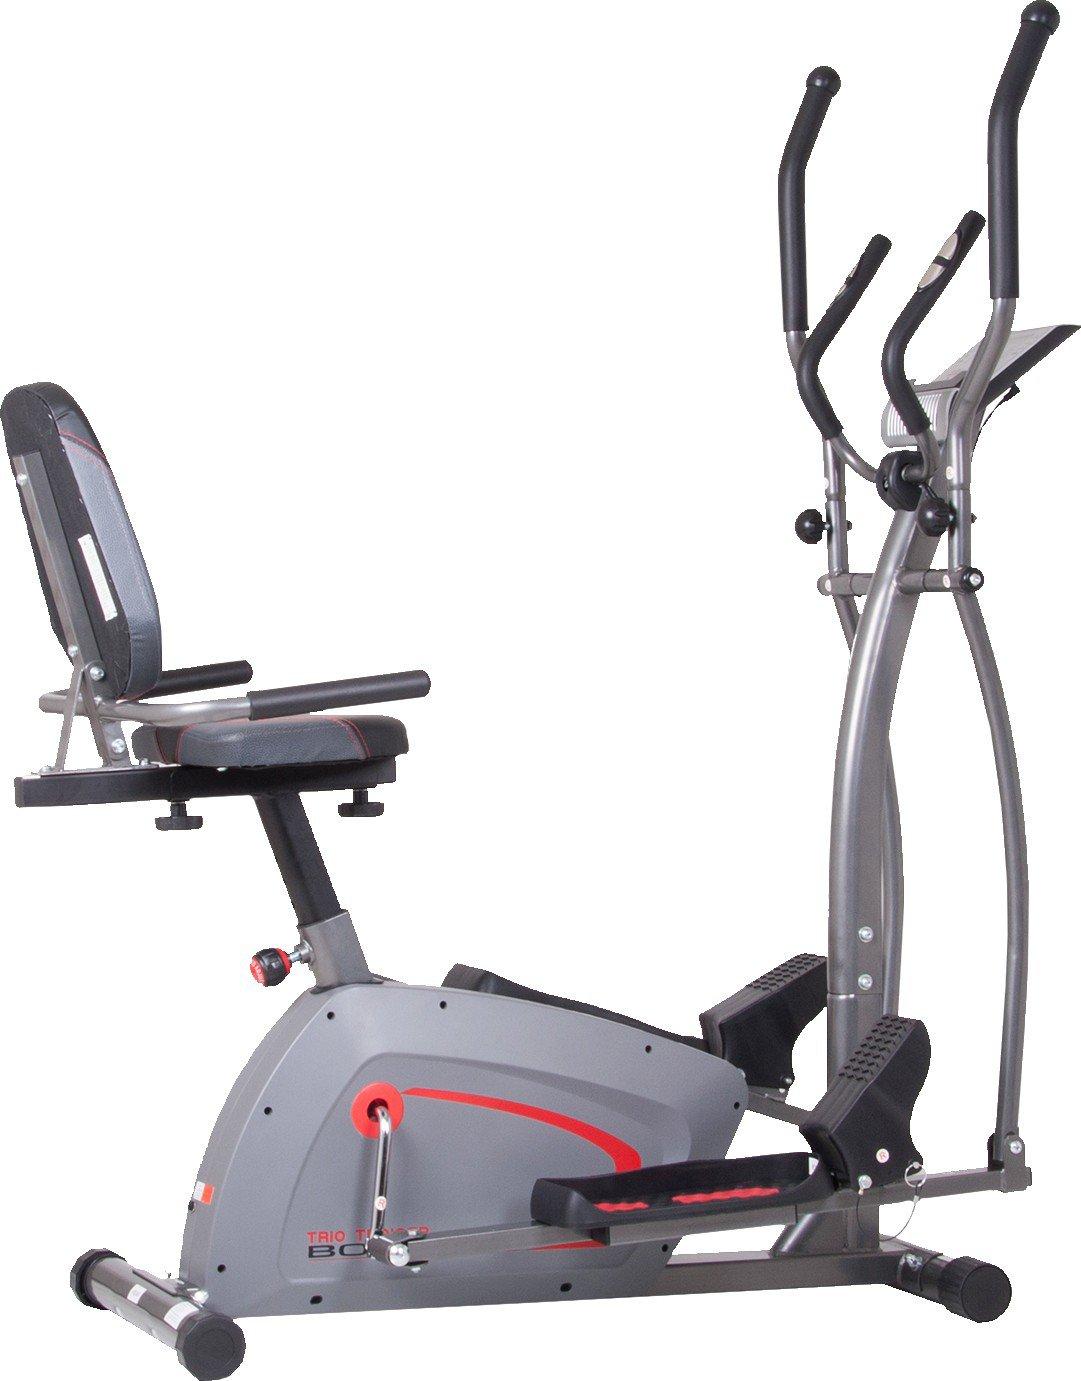 Ellipticals | Elliptical Machines | Cardio Equipment | Academy